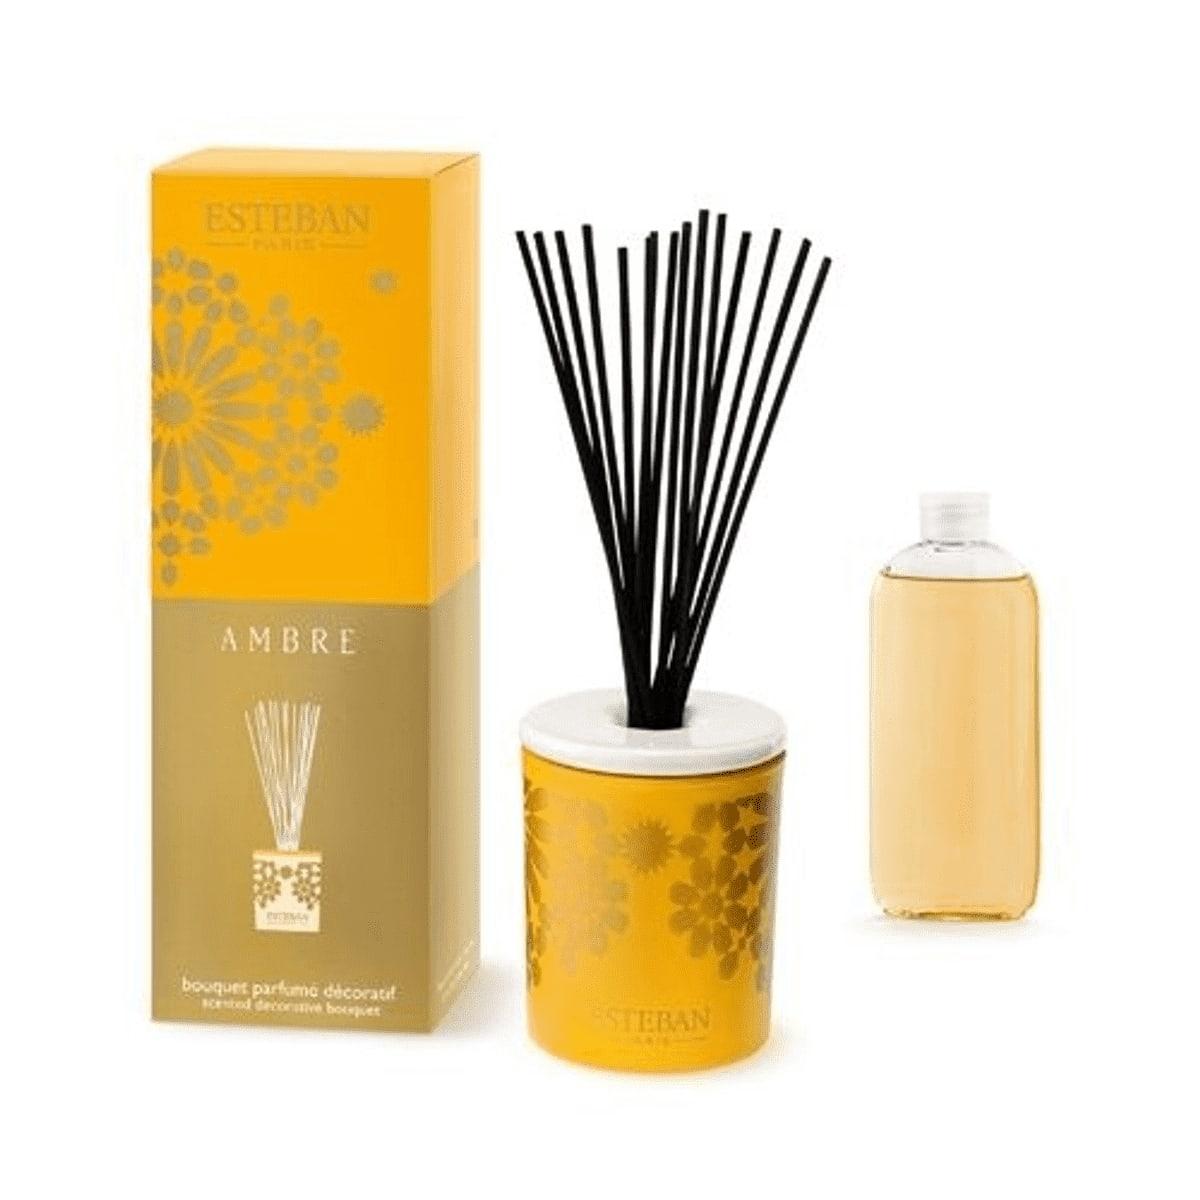 Bouquet parfumé décoratif ambre